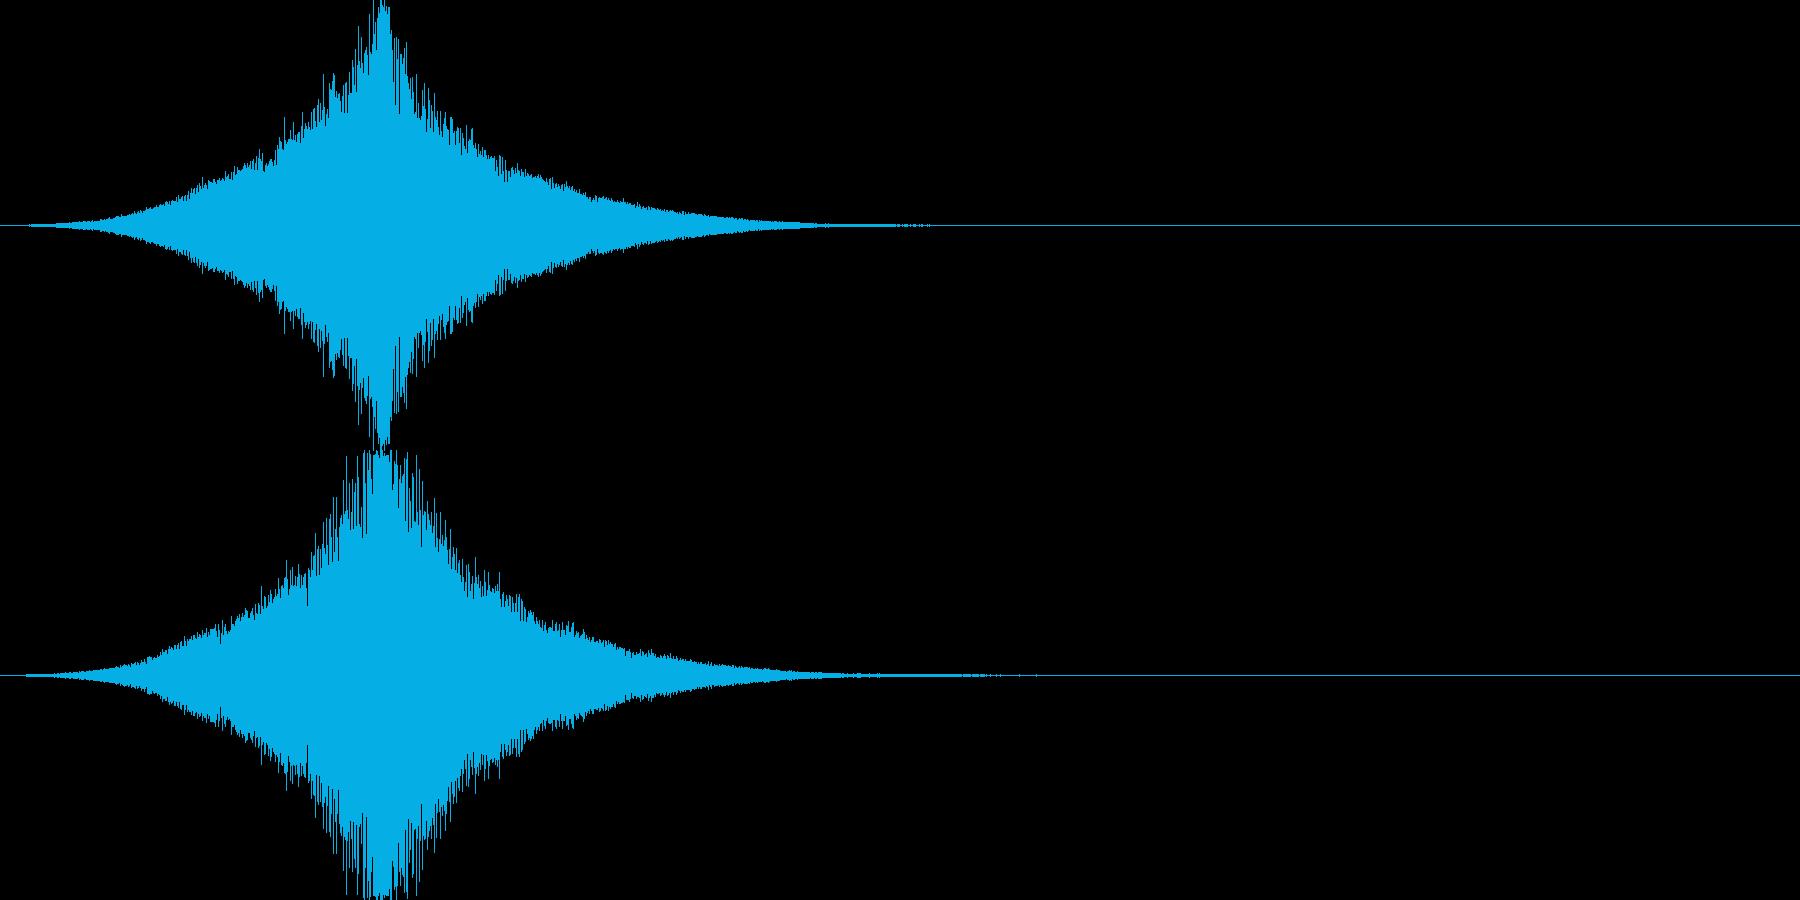 インパクト/フェード/大きくなる/重厚1の再生済みの波形